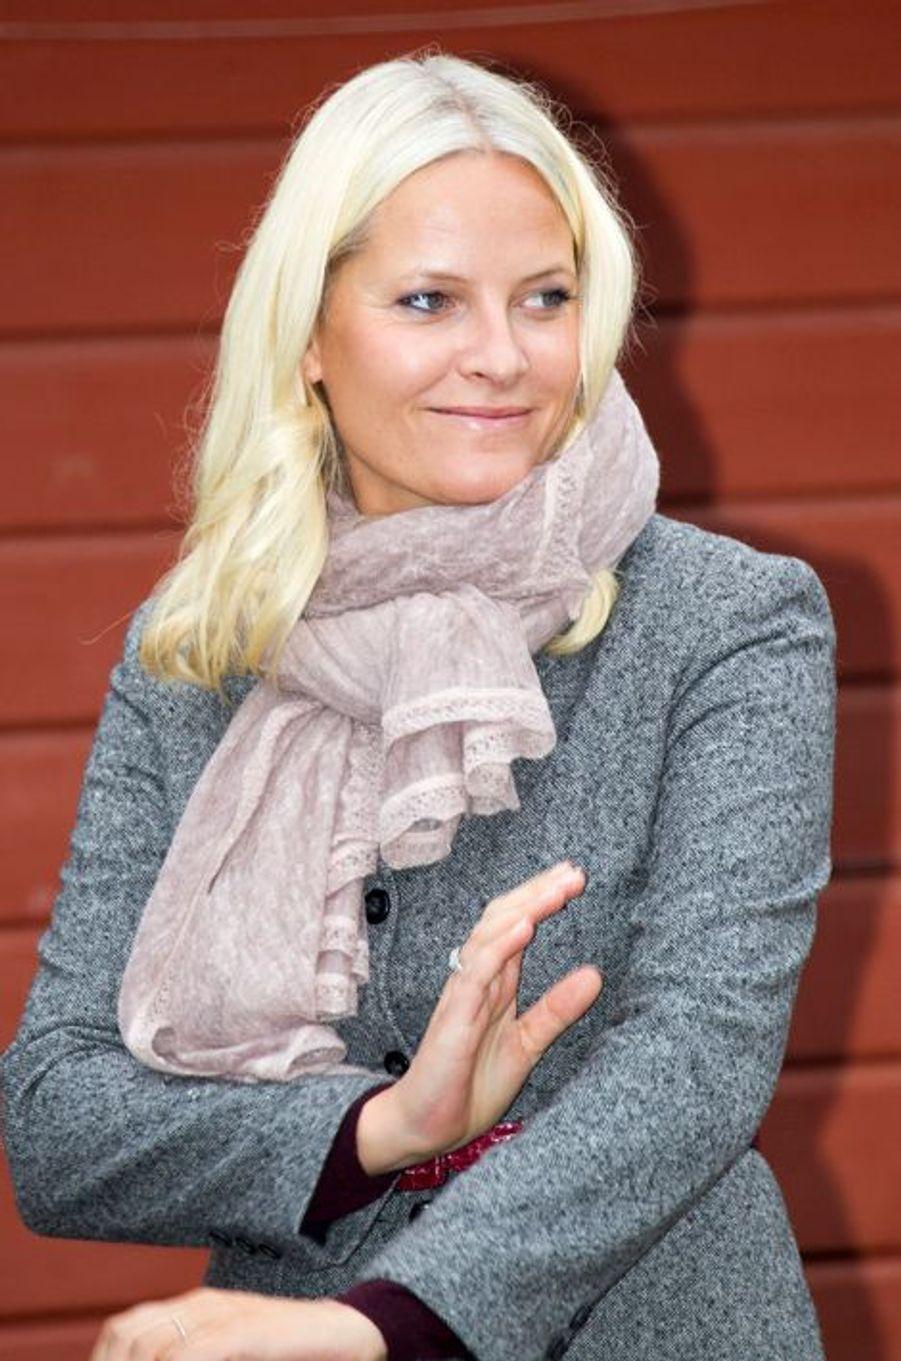 La princesse Mette-Marit de Norvège à Nannestad, le 16 septembre 2015